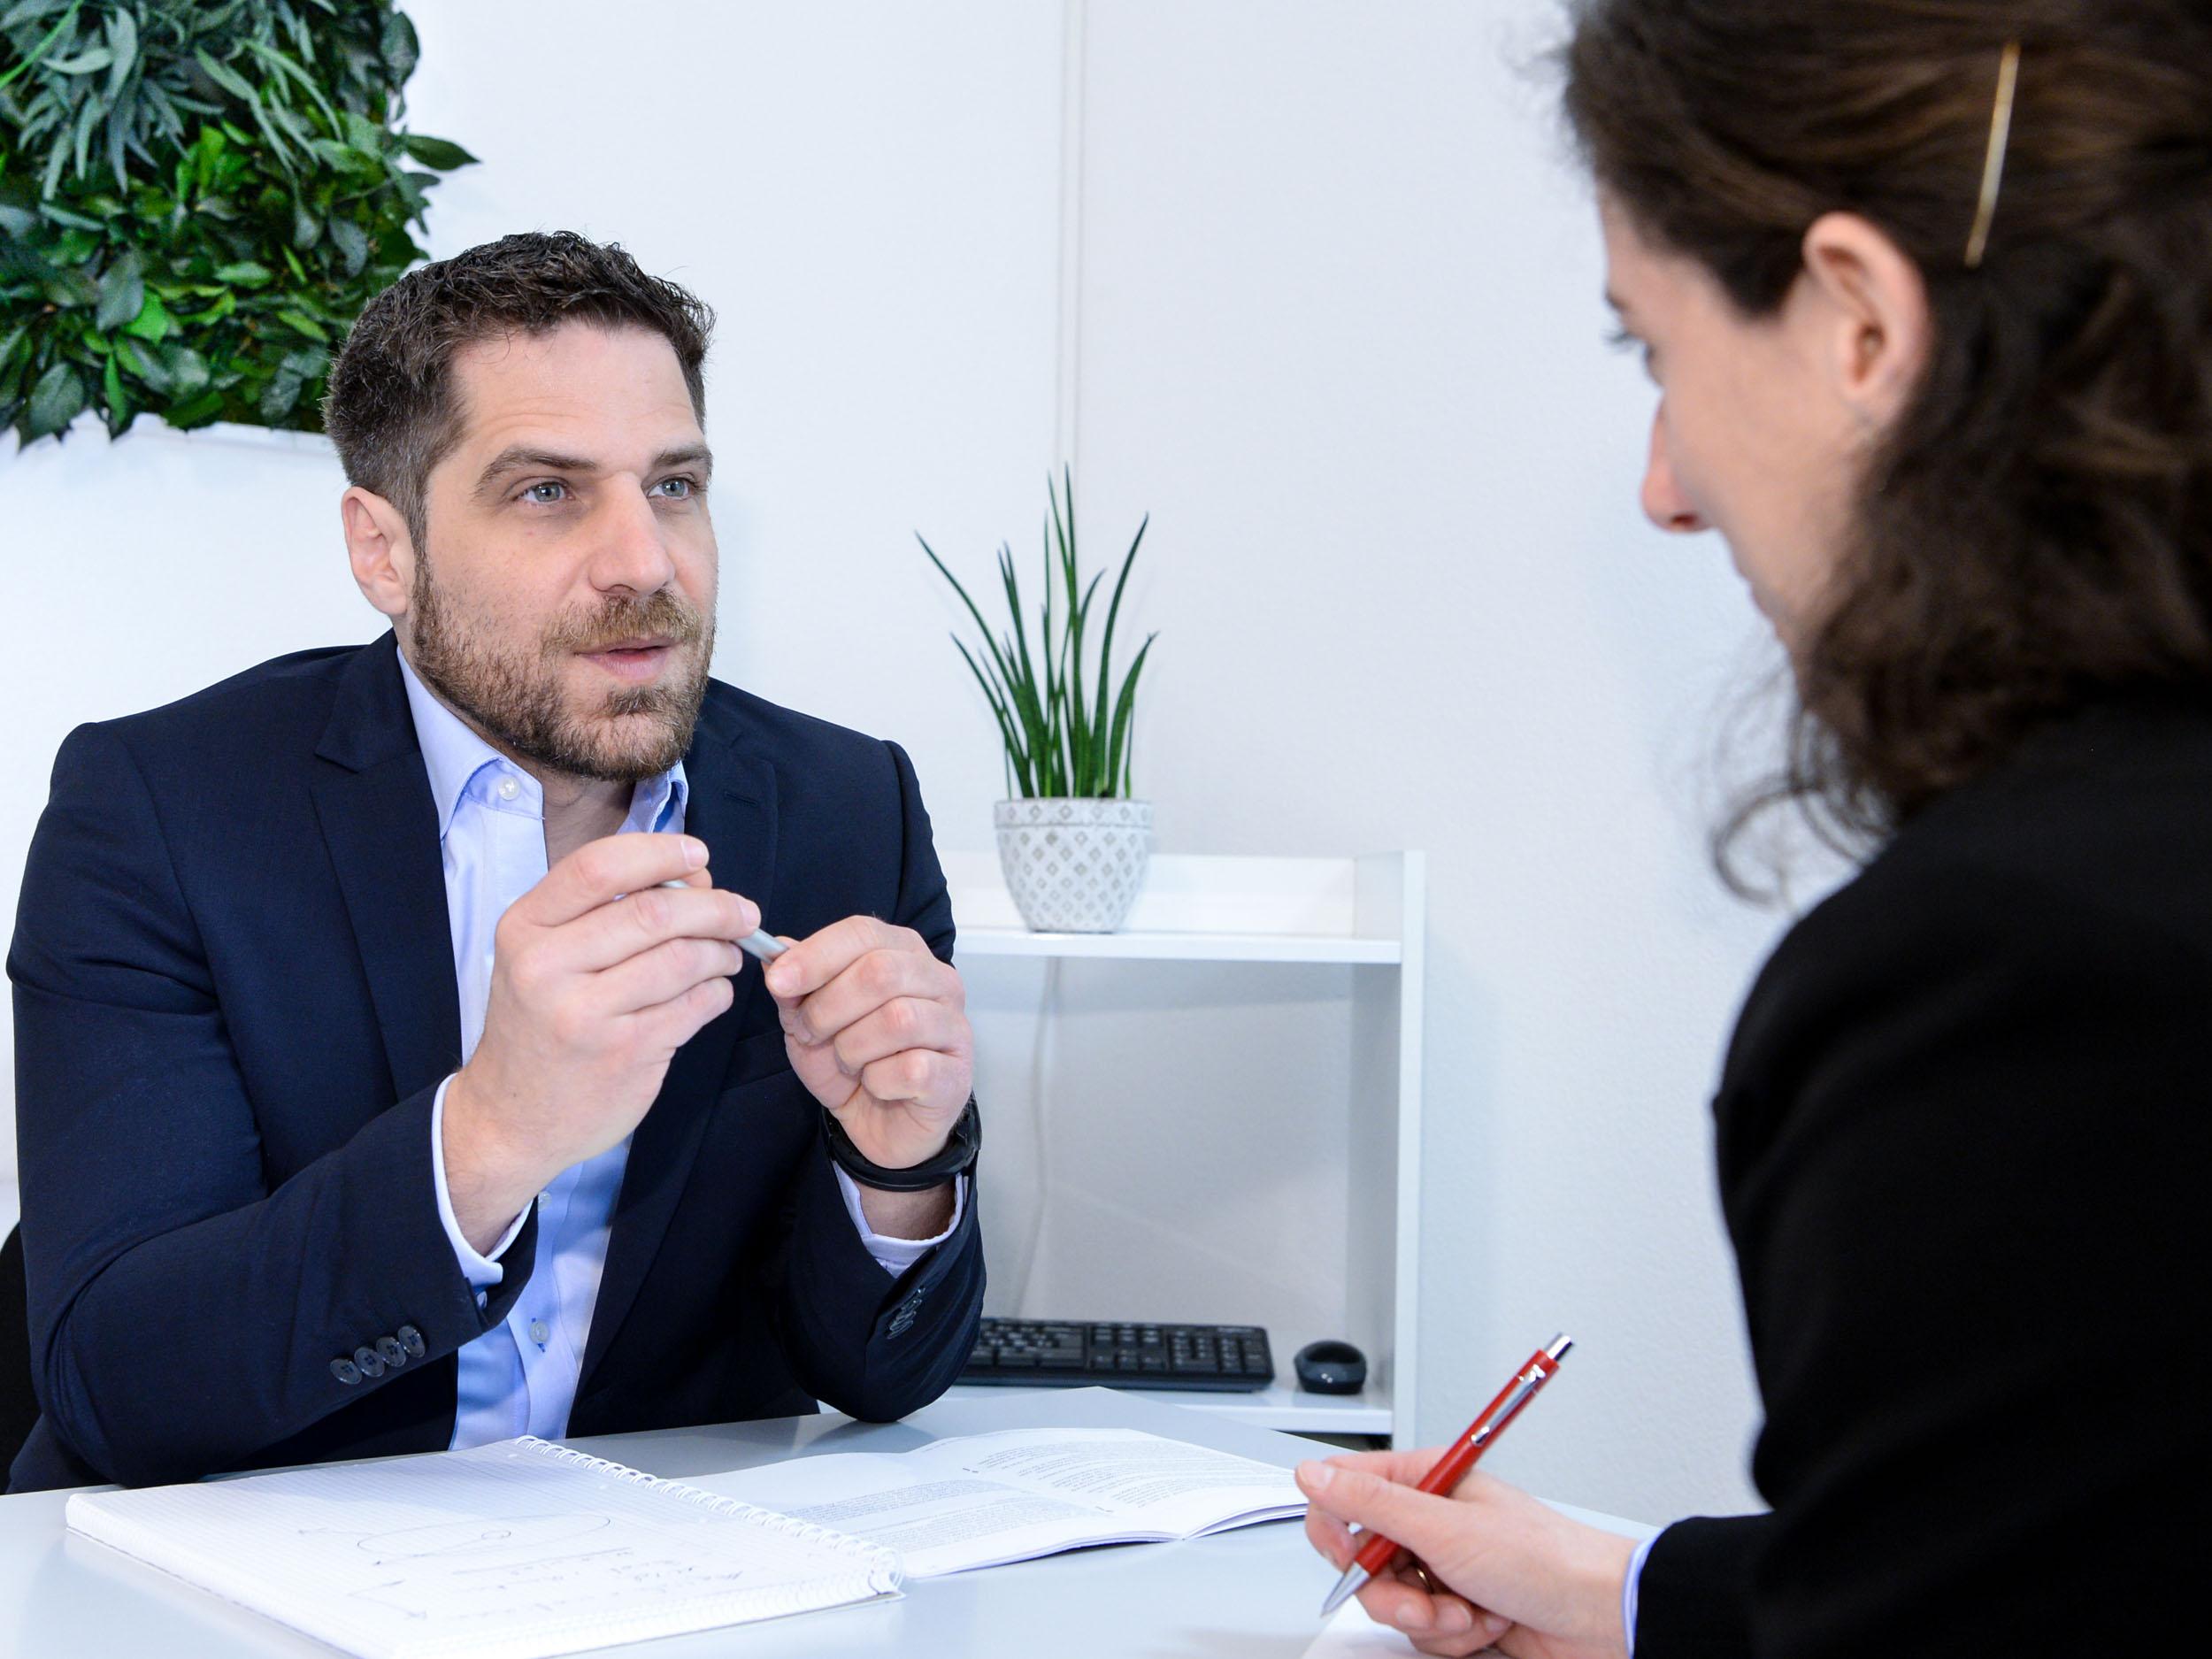 Beratung für Stellensuchende